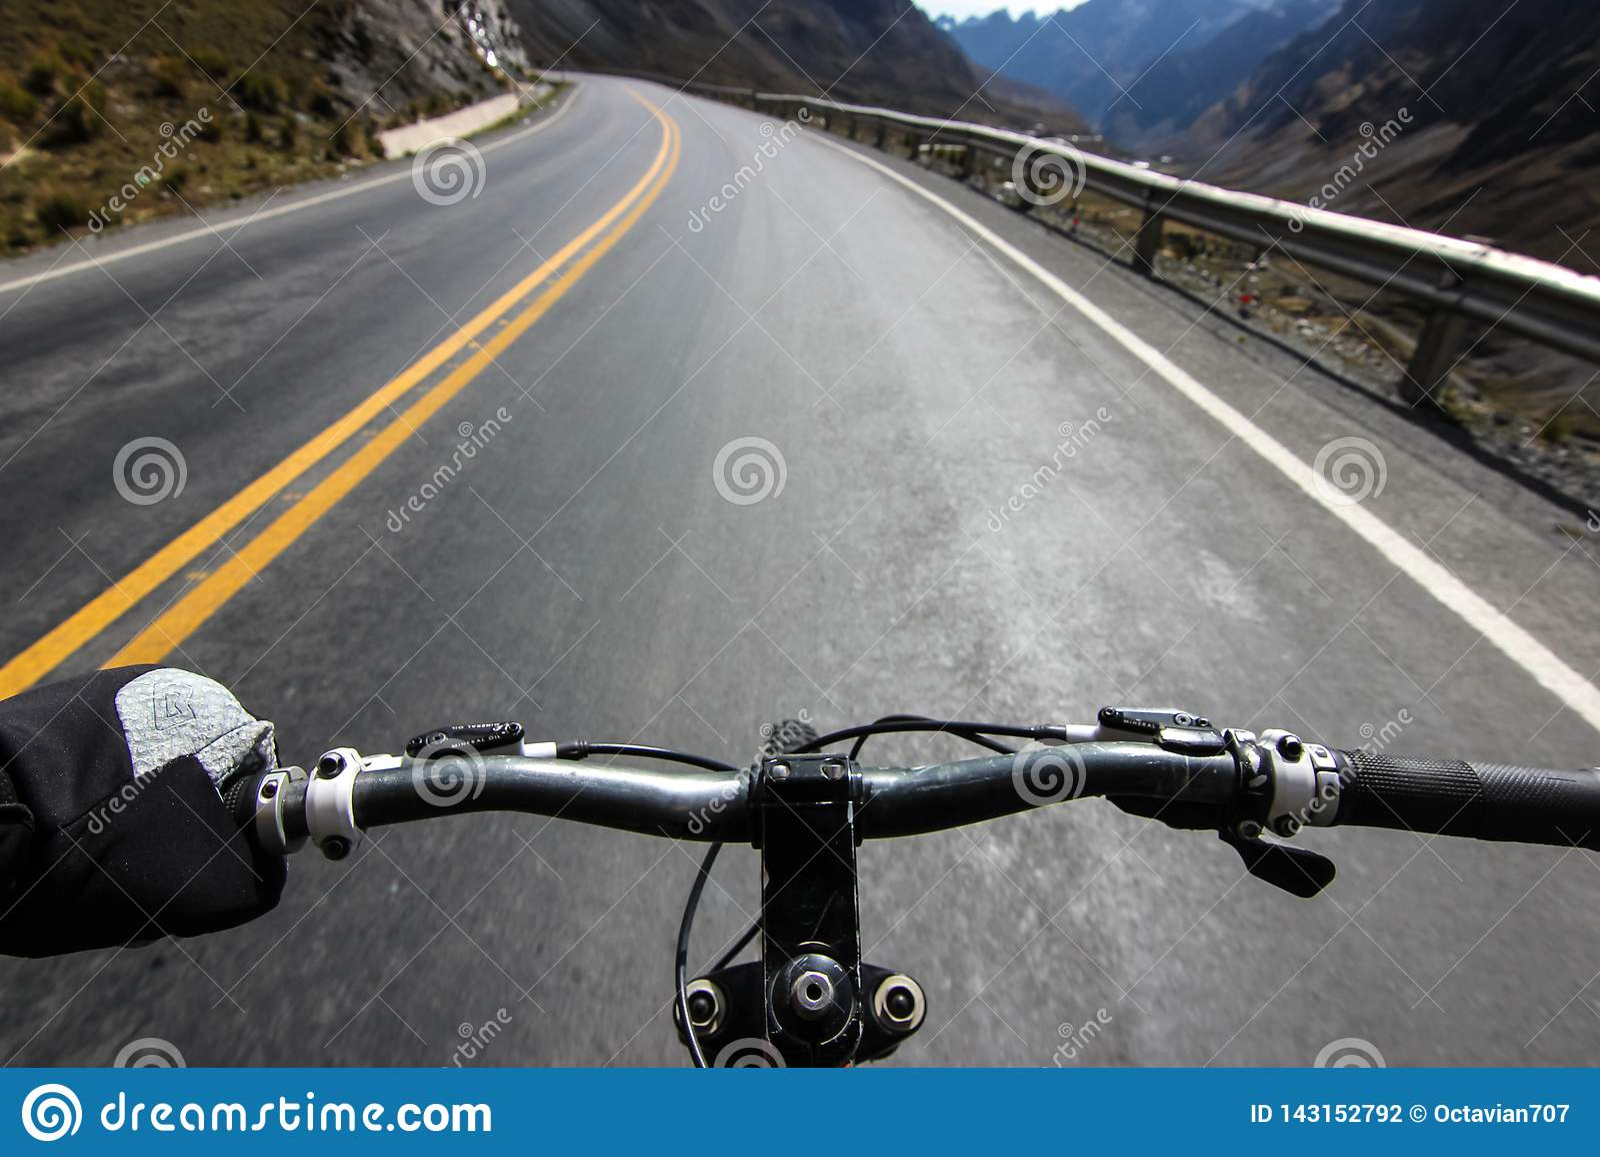 Passeio do Mountain bike em Camino de la Muerte/perspectiva do guiador